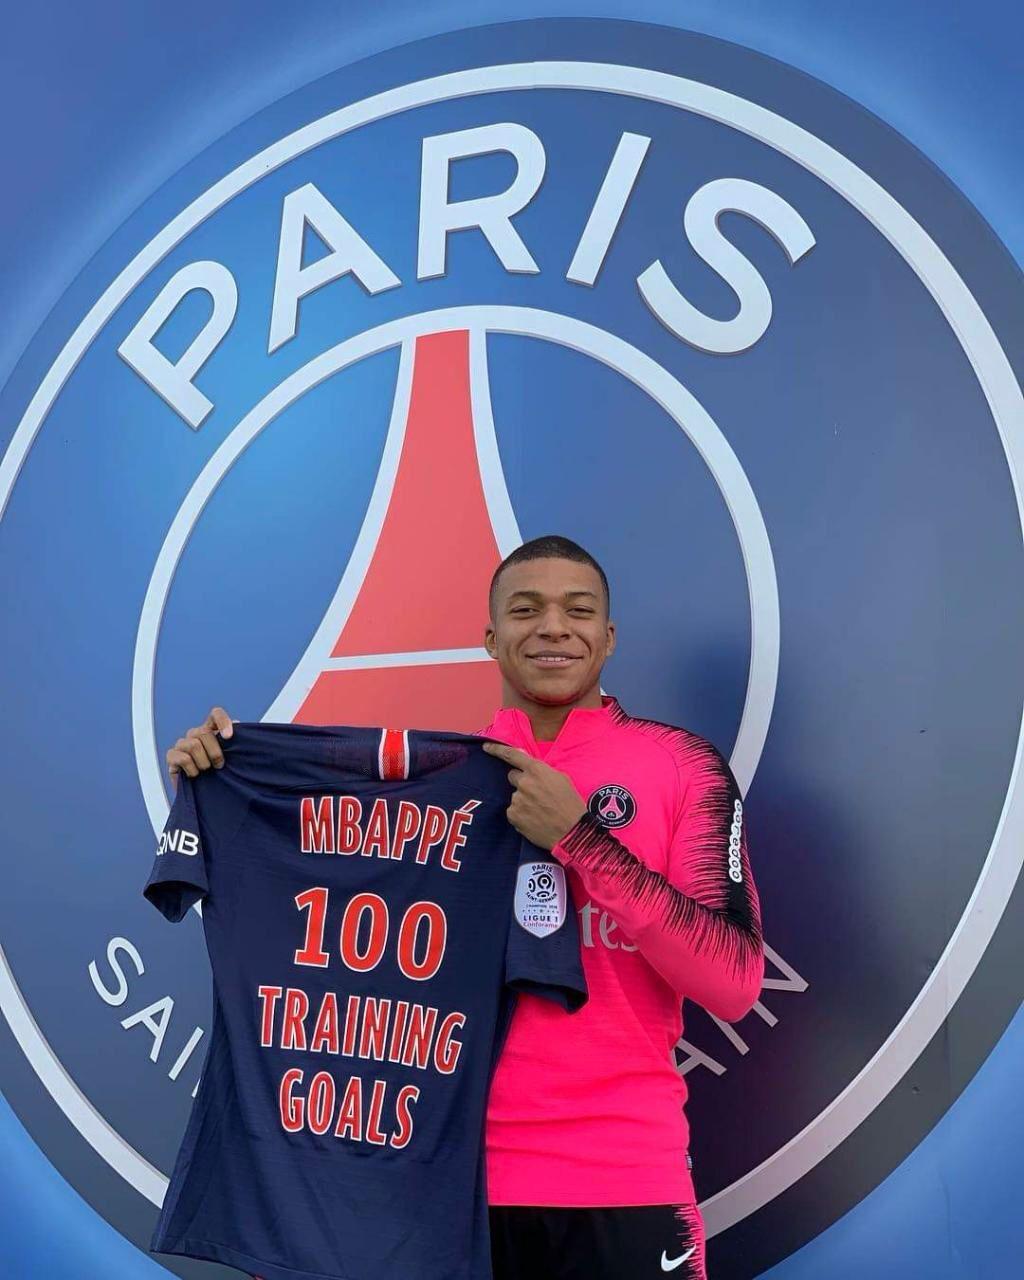 Épinglé par Football 2019 sur Paris Saint Germain Psg et